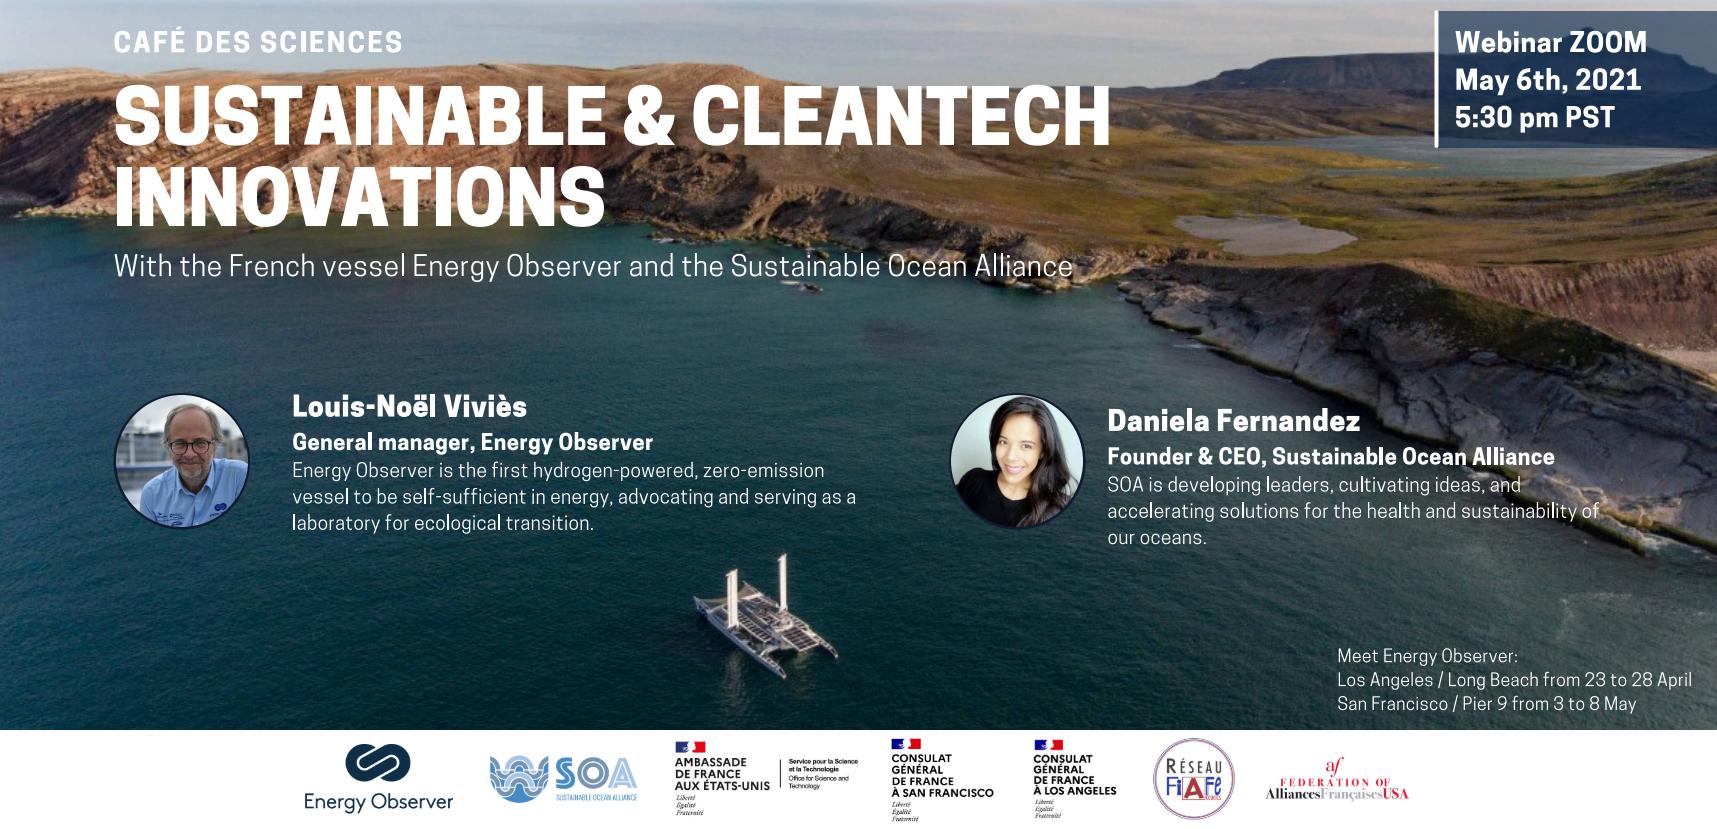 Café des Sciences SF et LA le 6 mai 2021 // Sustainable and Cleantech Innovations avec EO et SOA